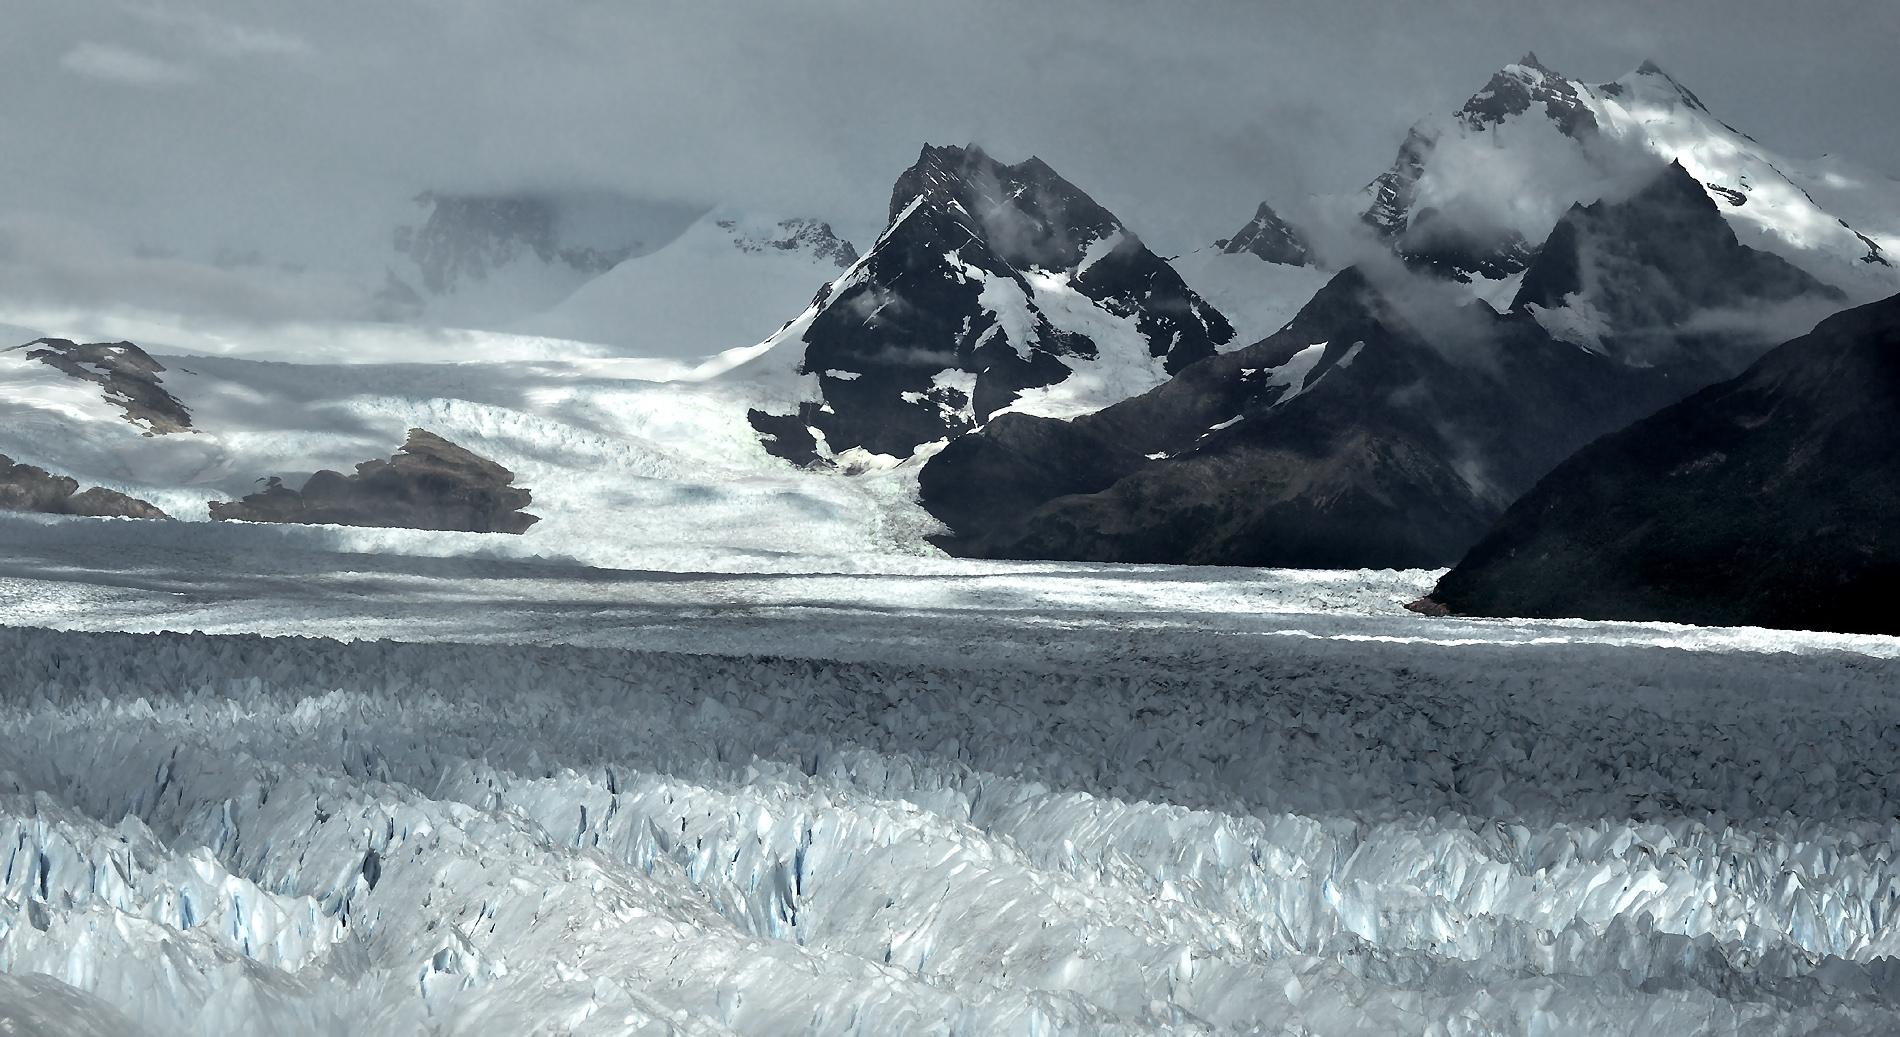 eiskalte Gletscherwelt